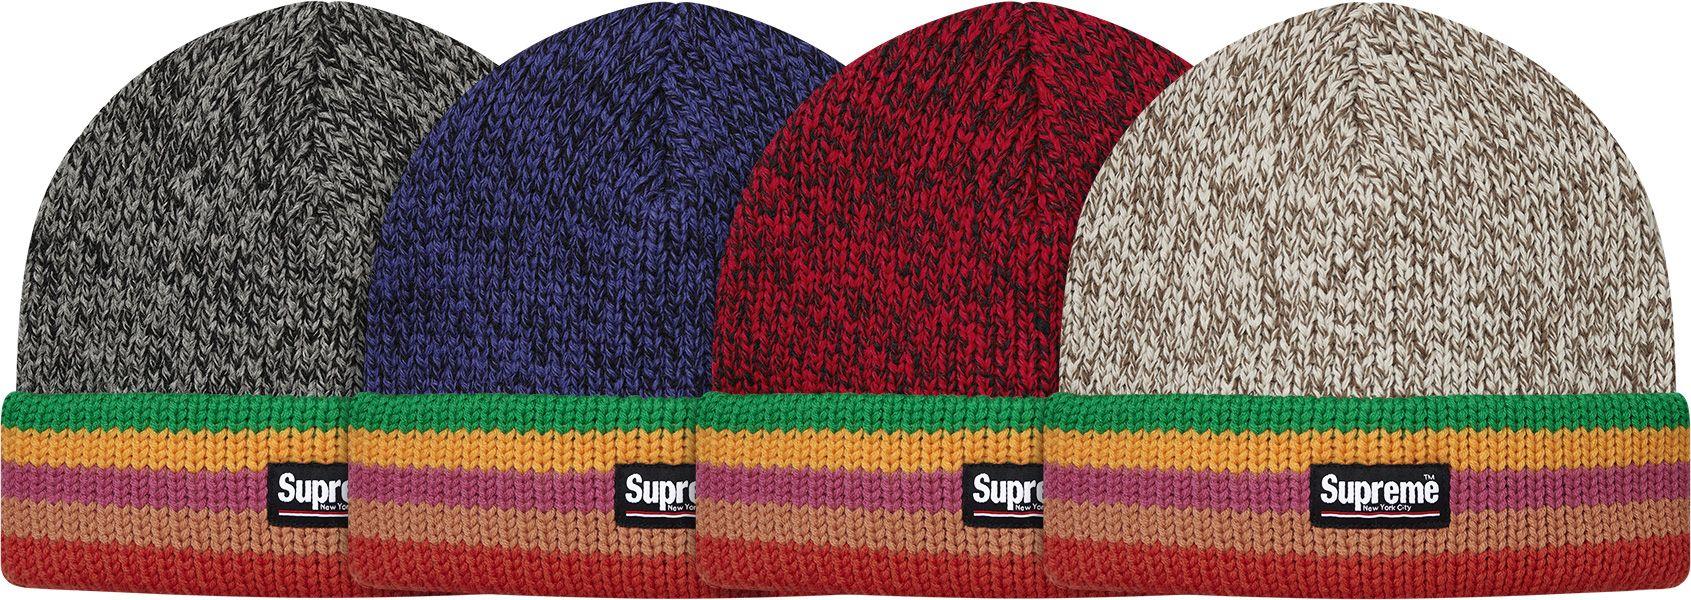 03ba77c94cc Supreme Ragg Wool Beanie